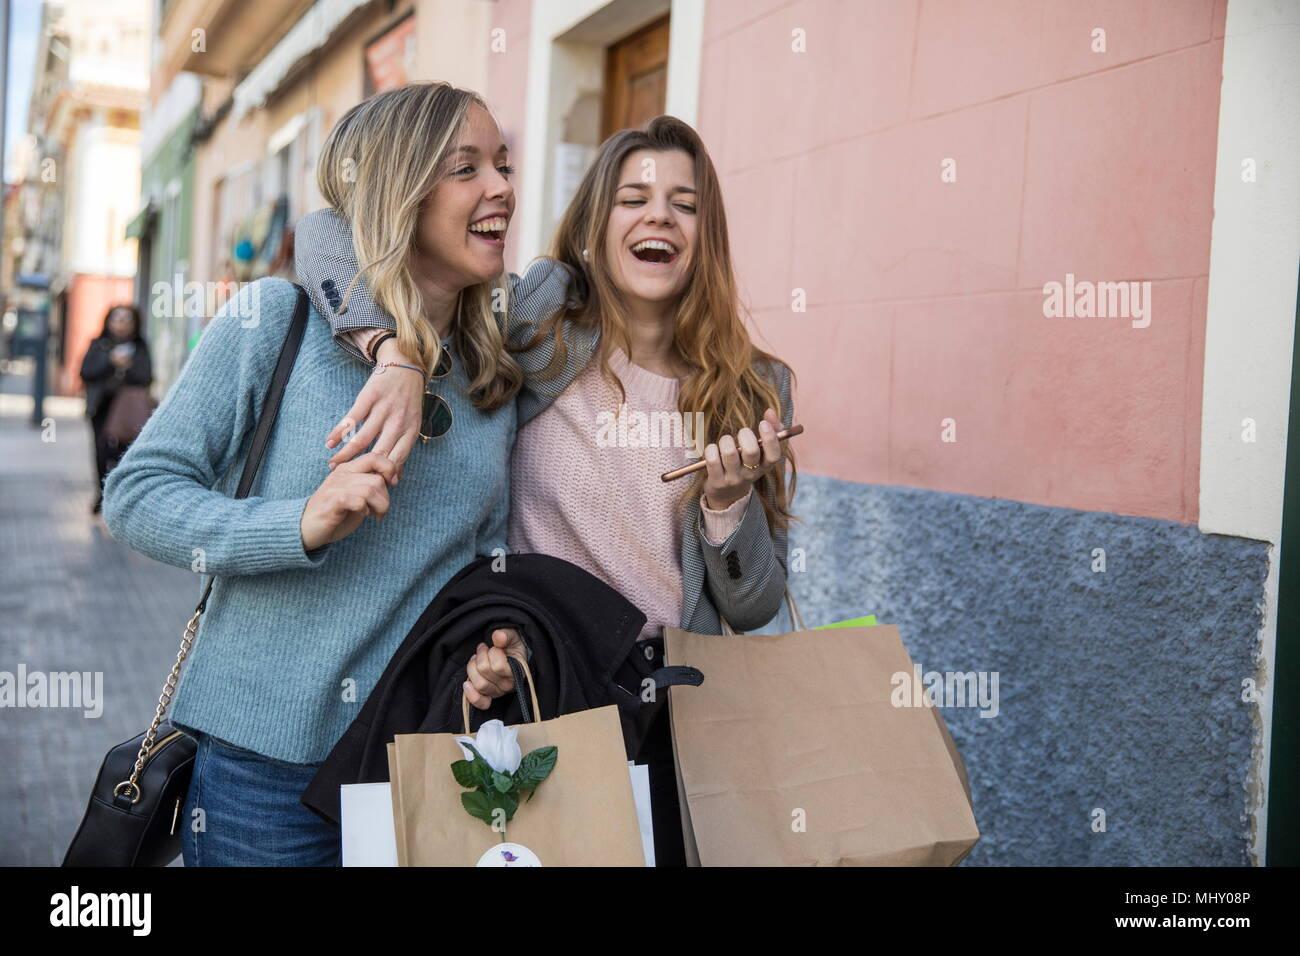 Amigos de compras y riendo en la calle Imagen De Stock